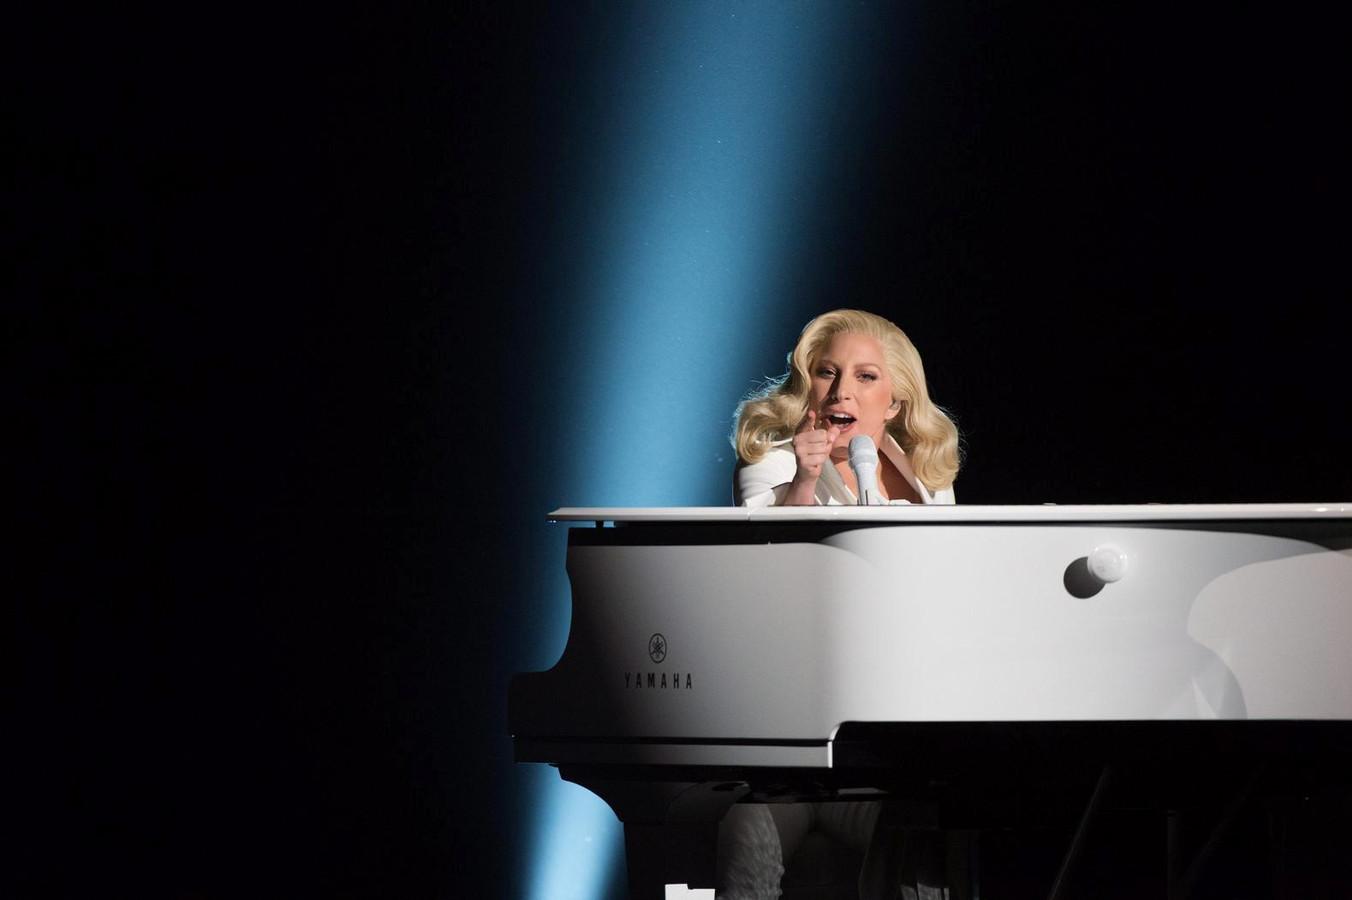 Beginnend bestuurder Lady Gaga staande gehouden | Foto | AD.nl Lady Gaga